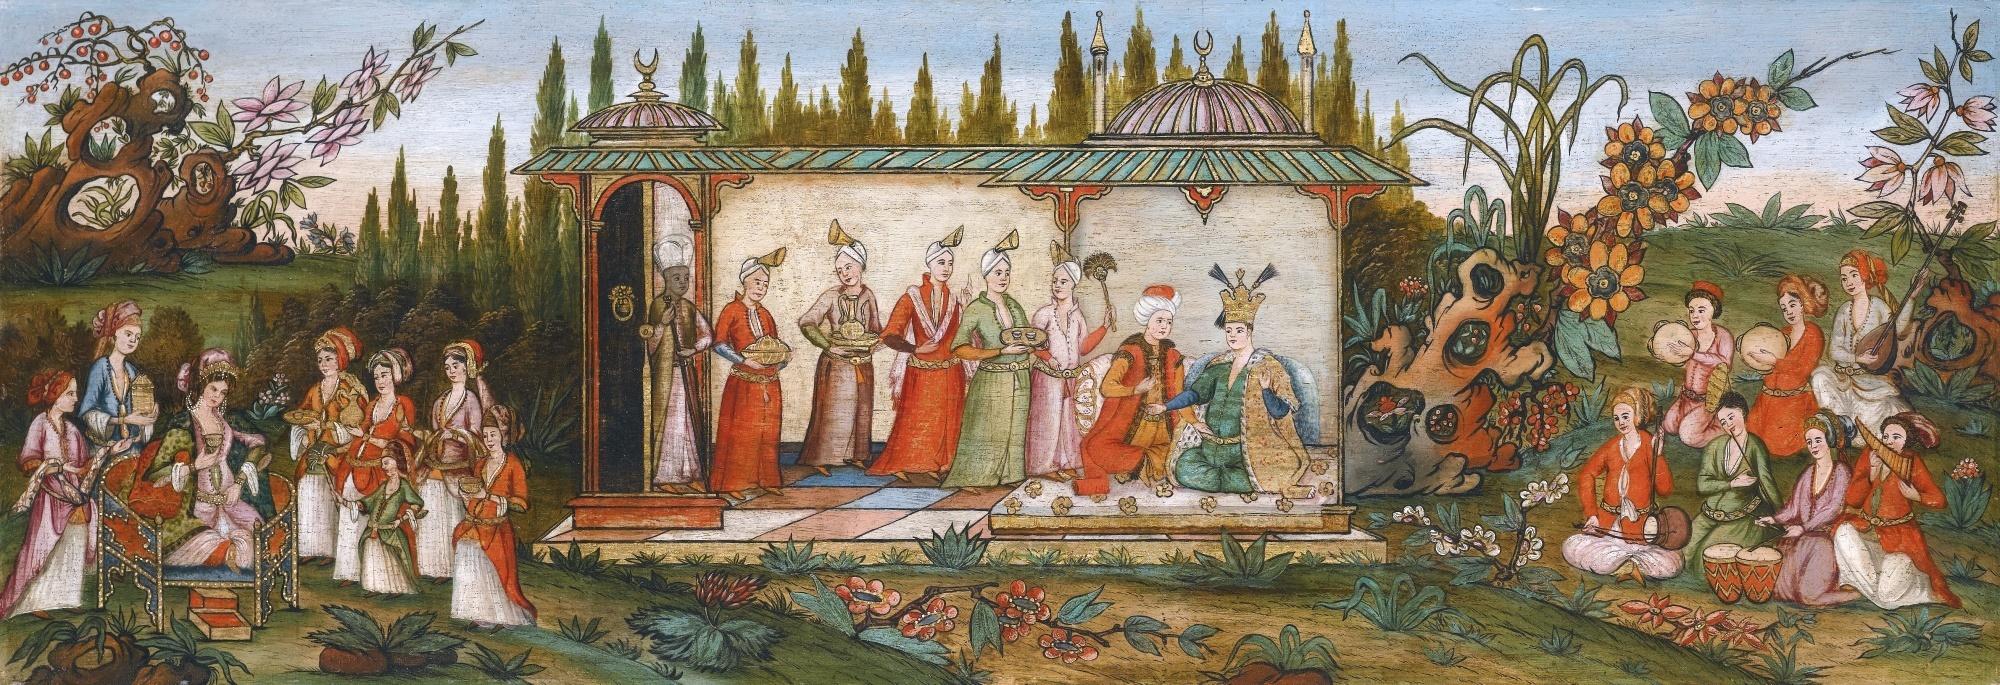 Harem in de tuin, schilderij